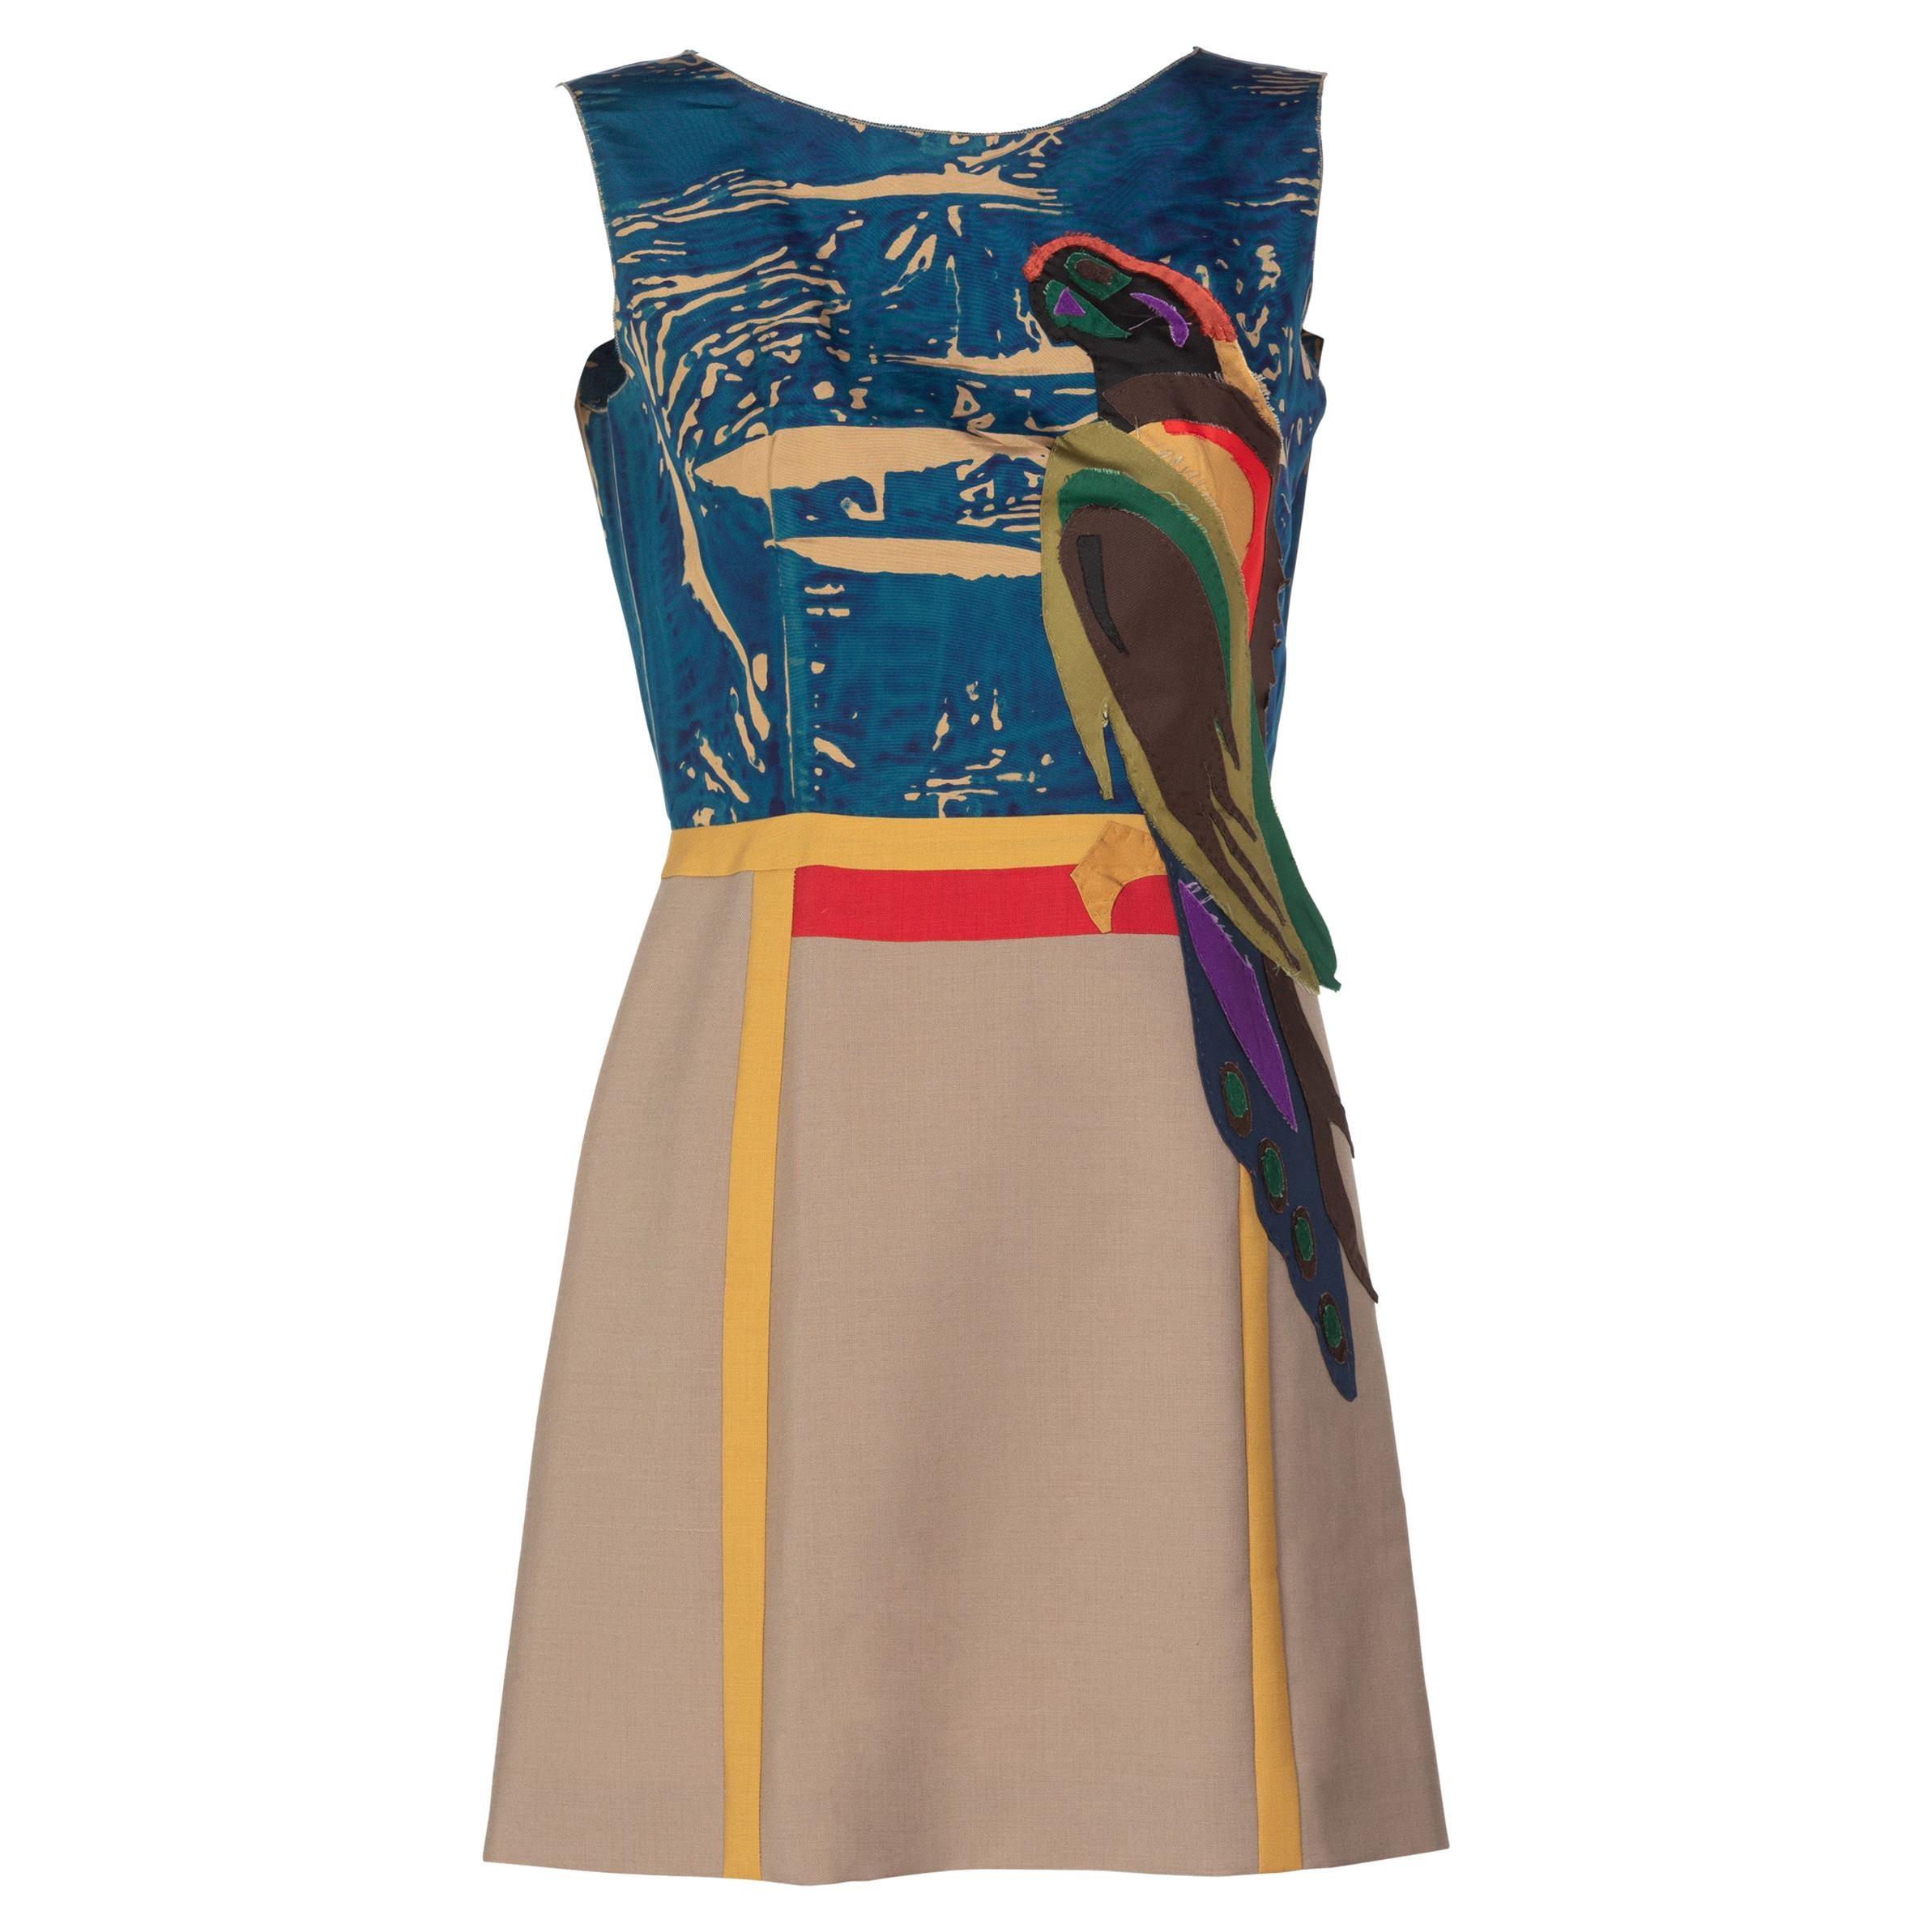 Prada Sleeveless Silk Mohair Parrot Applique Dress Runway, 2005